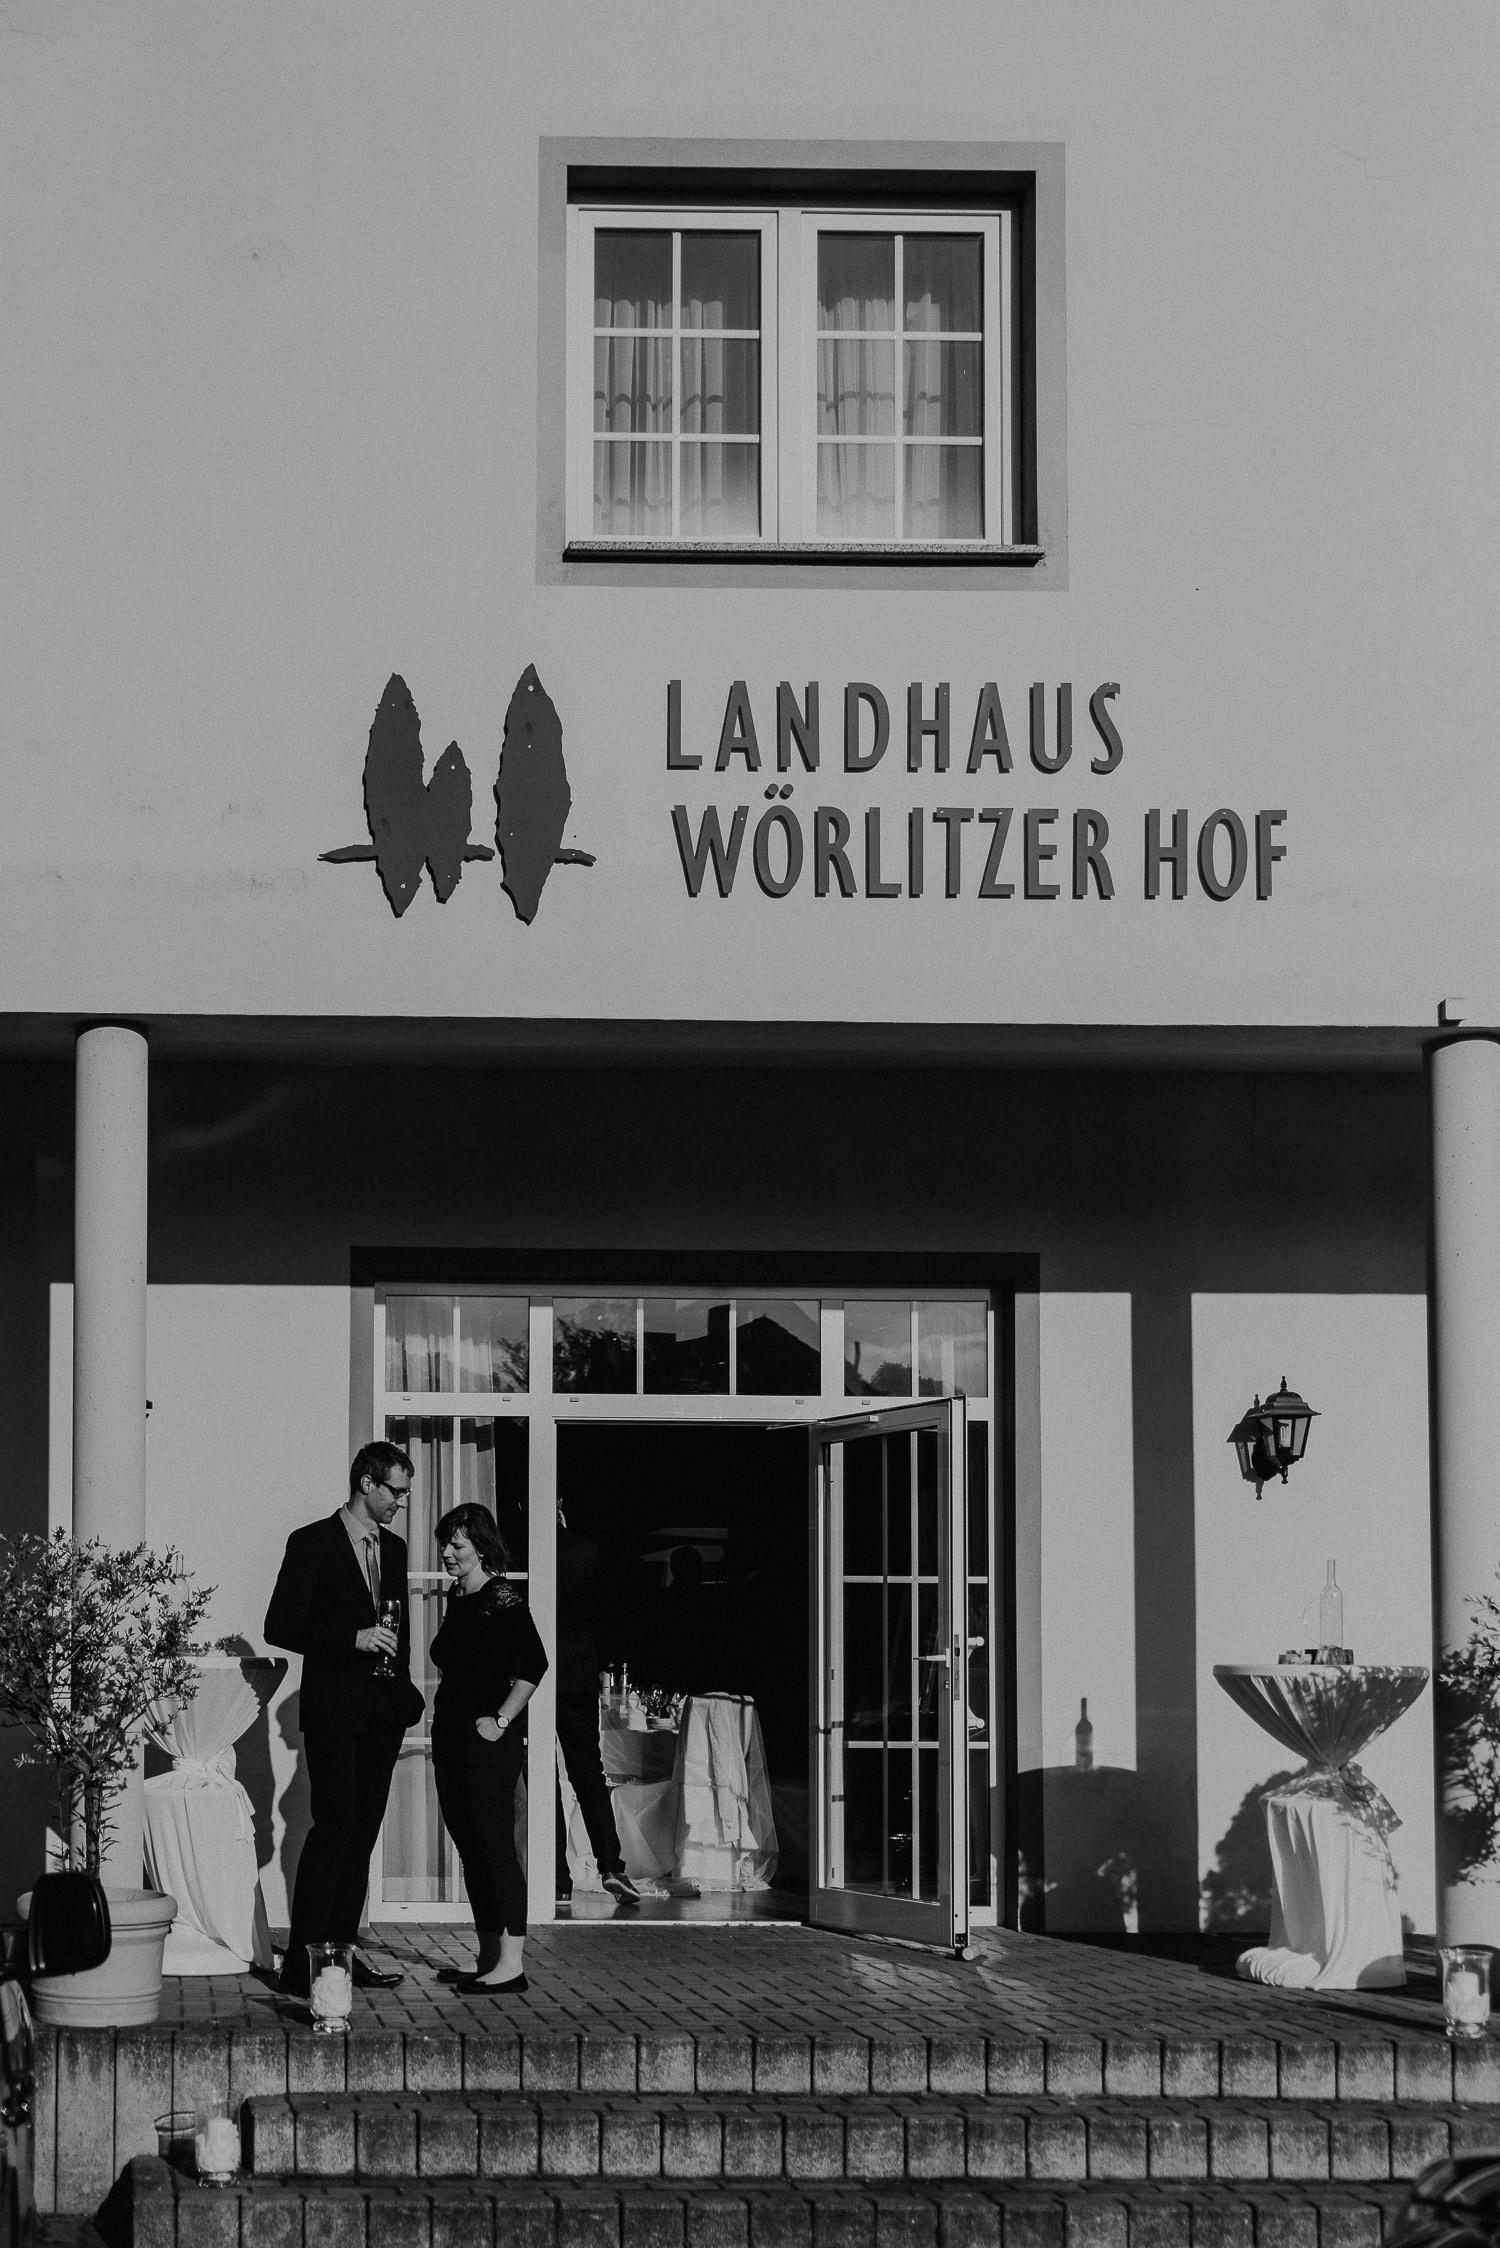 Kirchliche-Hochzeit-in-Wörlitz-Wörlitzer-Hof-by-Steven-Schwanz-139